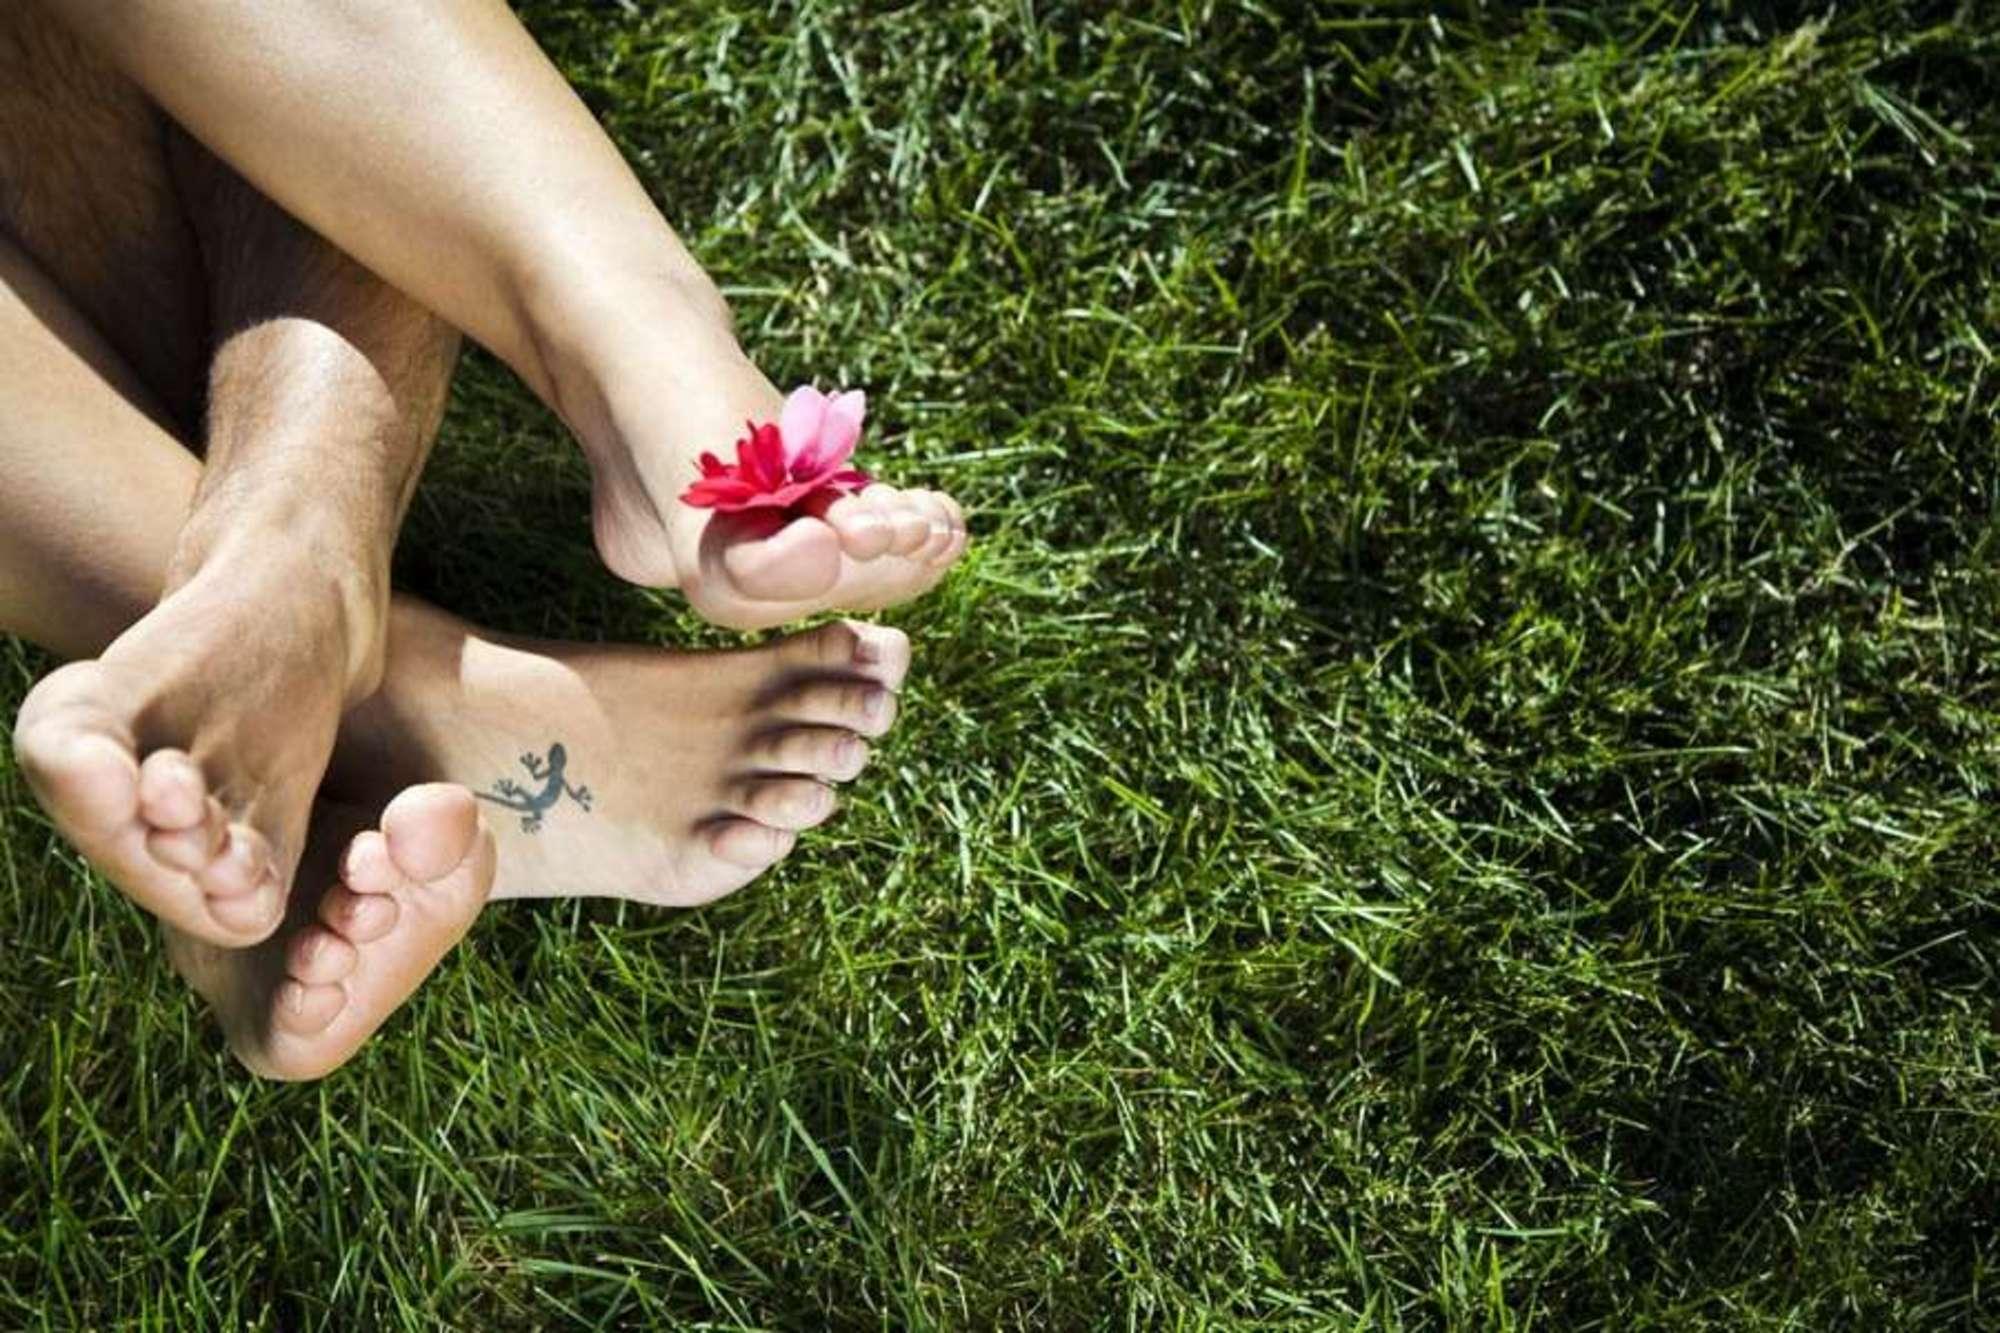 małe fotki latina cipki